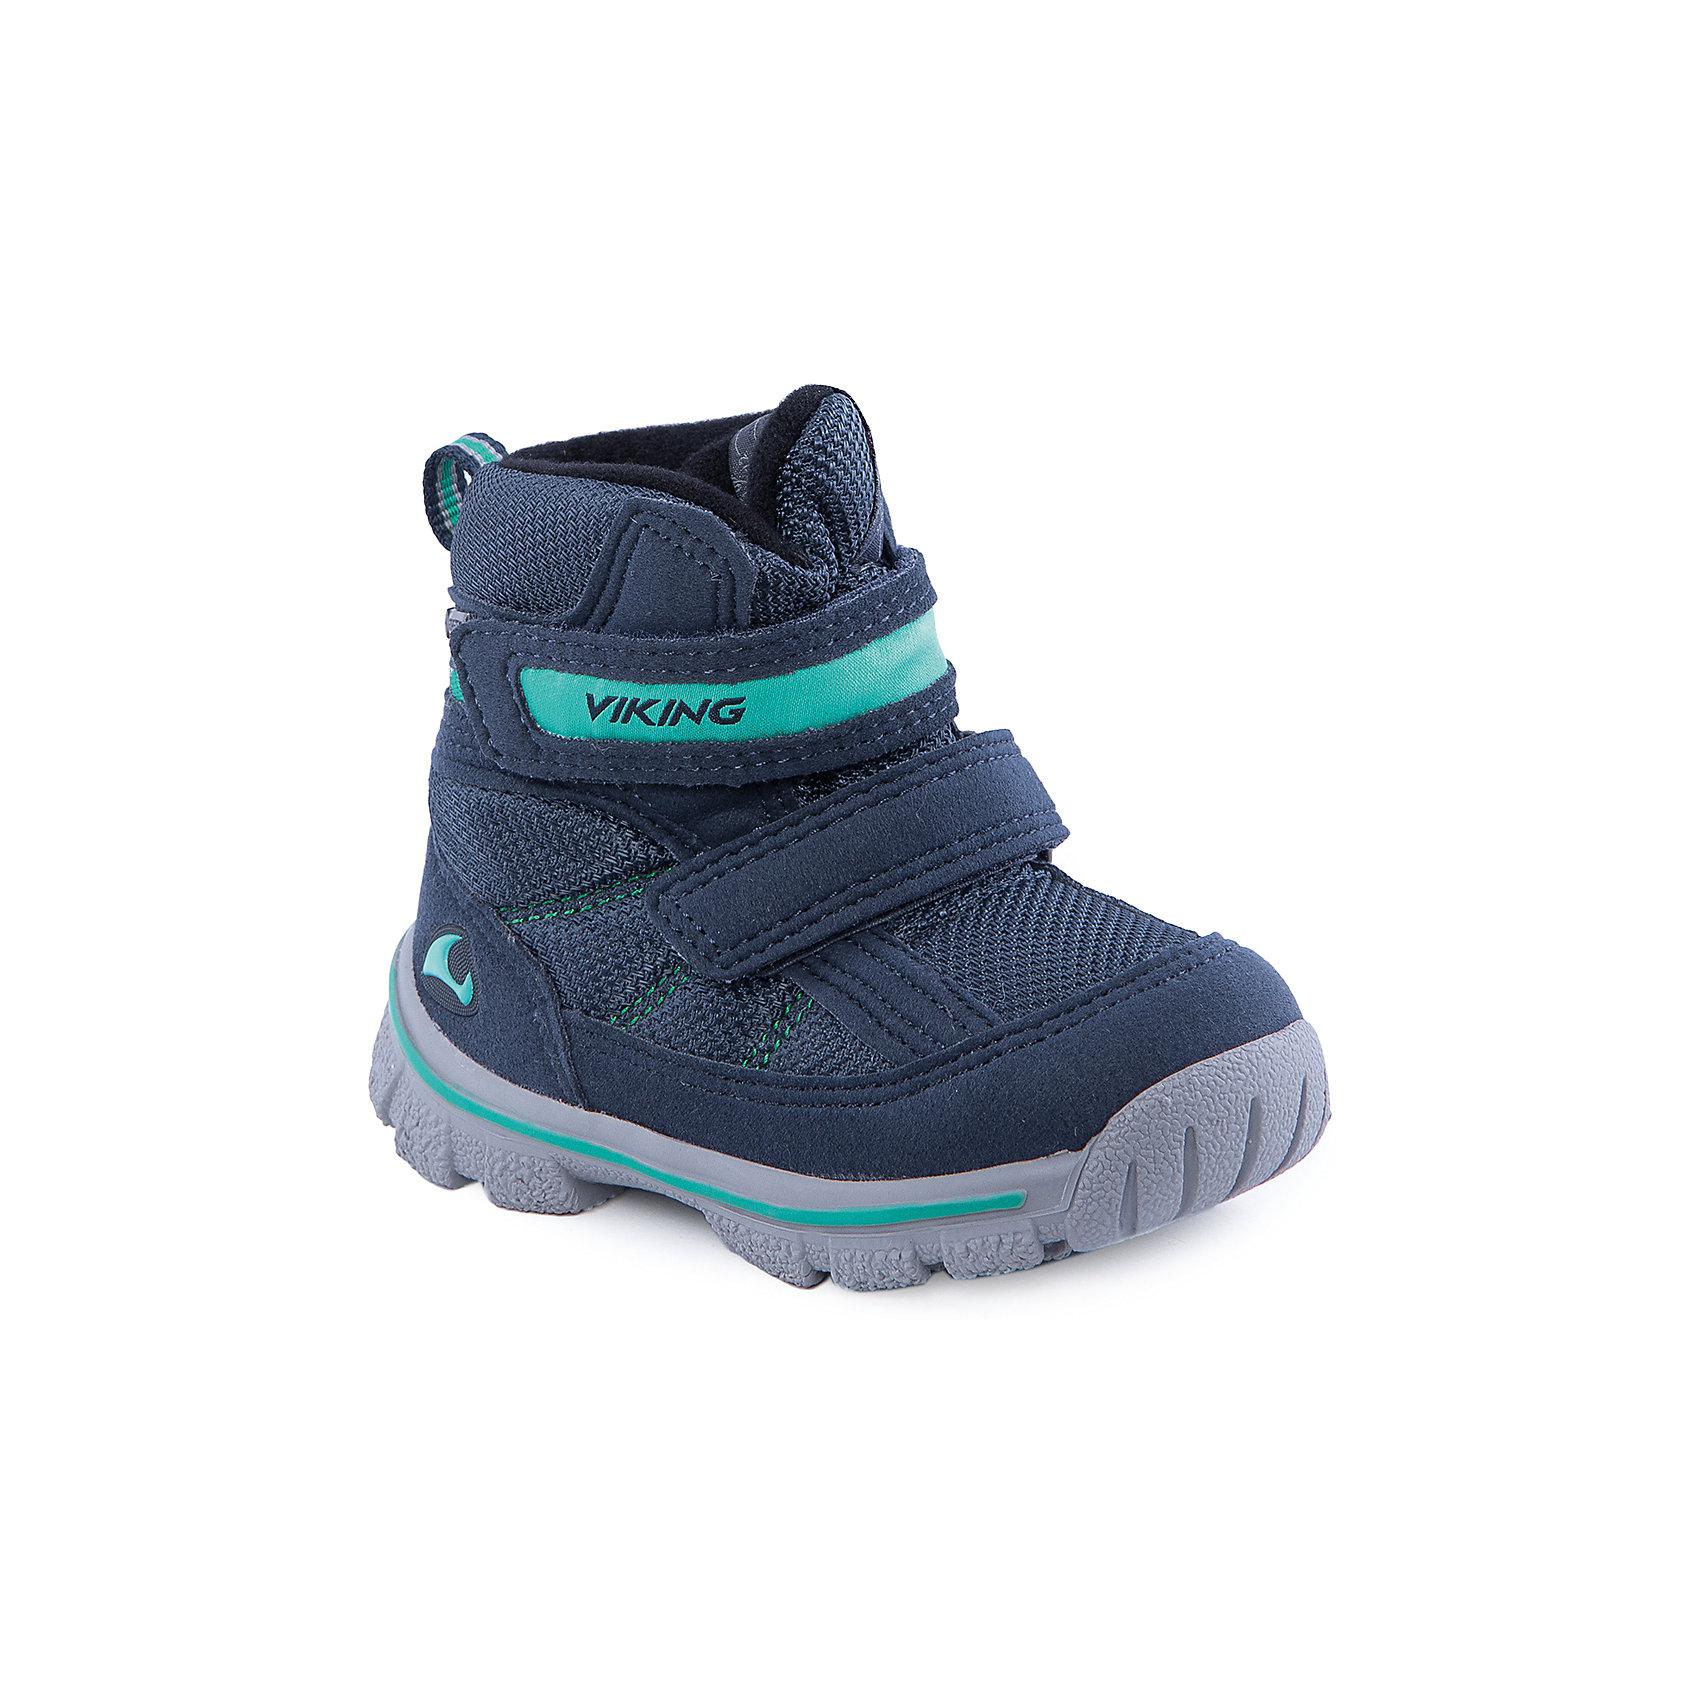 Ботинки для мальчика VIKINGБотинки<br>Удобные, тёплые и прочные ботинки отлично подойдут для детской уличной активности. Обувь создана из жёсткой кожи и высокотехнологичных материалов. Мембрана GORE-TEX® обеспечит стопроцентную водонепроницаемость, позволяя ногам дышать. За счёт системы липучек подойдёт на любую ногу, даже с высоким подъёмом. Подошва из незамерзающей нескользящей резины подарит уверенность и лёгкость при ходьбе и беге.<br>Состав: Материал верха: 60% текстиль, 40% искусственная кожа<br>Материал подклада: мембранная подкладка GORE-TEX<br><br>Ширина мм: 262<br>Глубина мм: 176<br>Высота мм: 97<br>Вес г: 427<br>Цвет: синий<br>Возраст от месяцев: 9<br>Возраст до месяцев: 12<br>Пол: Мужской<br>Возраст: Детский<br>Размер: 20,27,25,23,22,21,26,24<br>SKU: 4279229